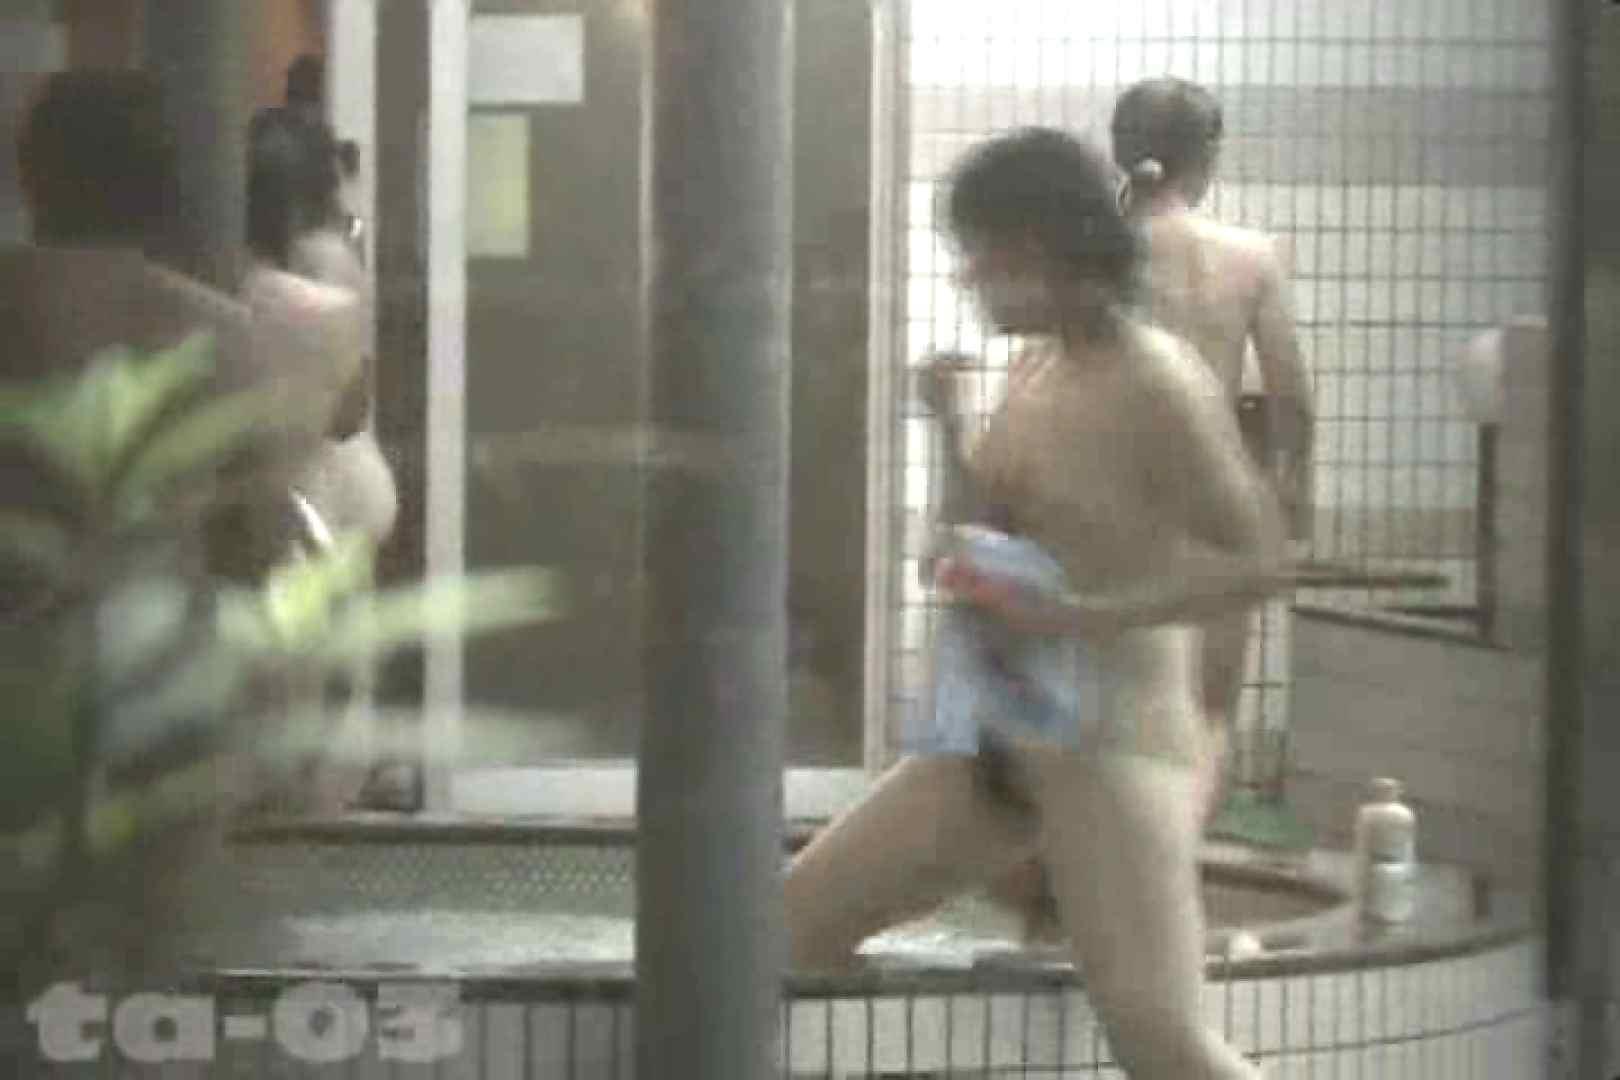 合宿ホテル女風呂盗撮高画質版 Vol.03 色っぽいOL達 おめこ無修正動画無料 71pic 44